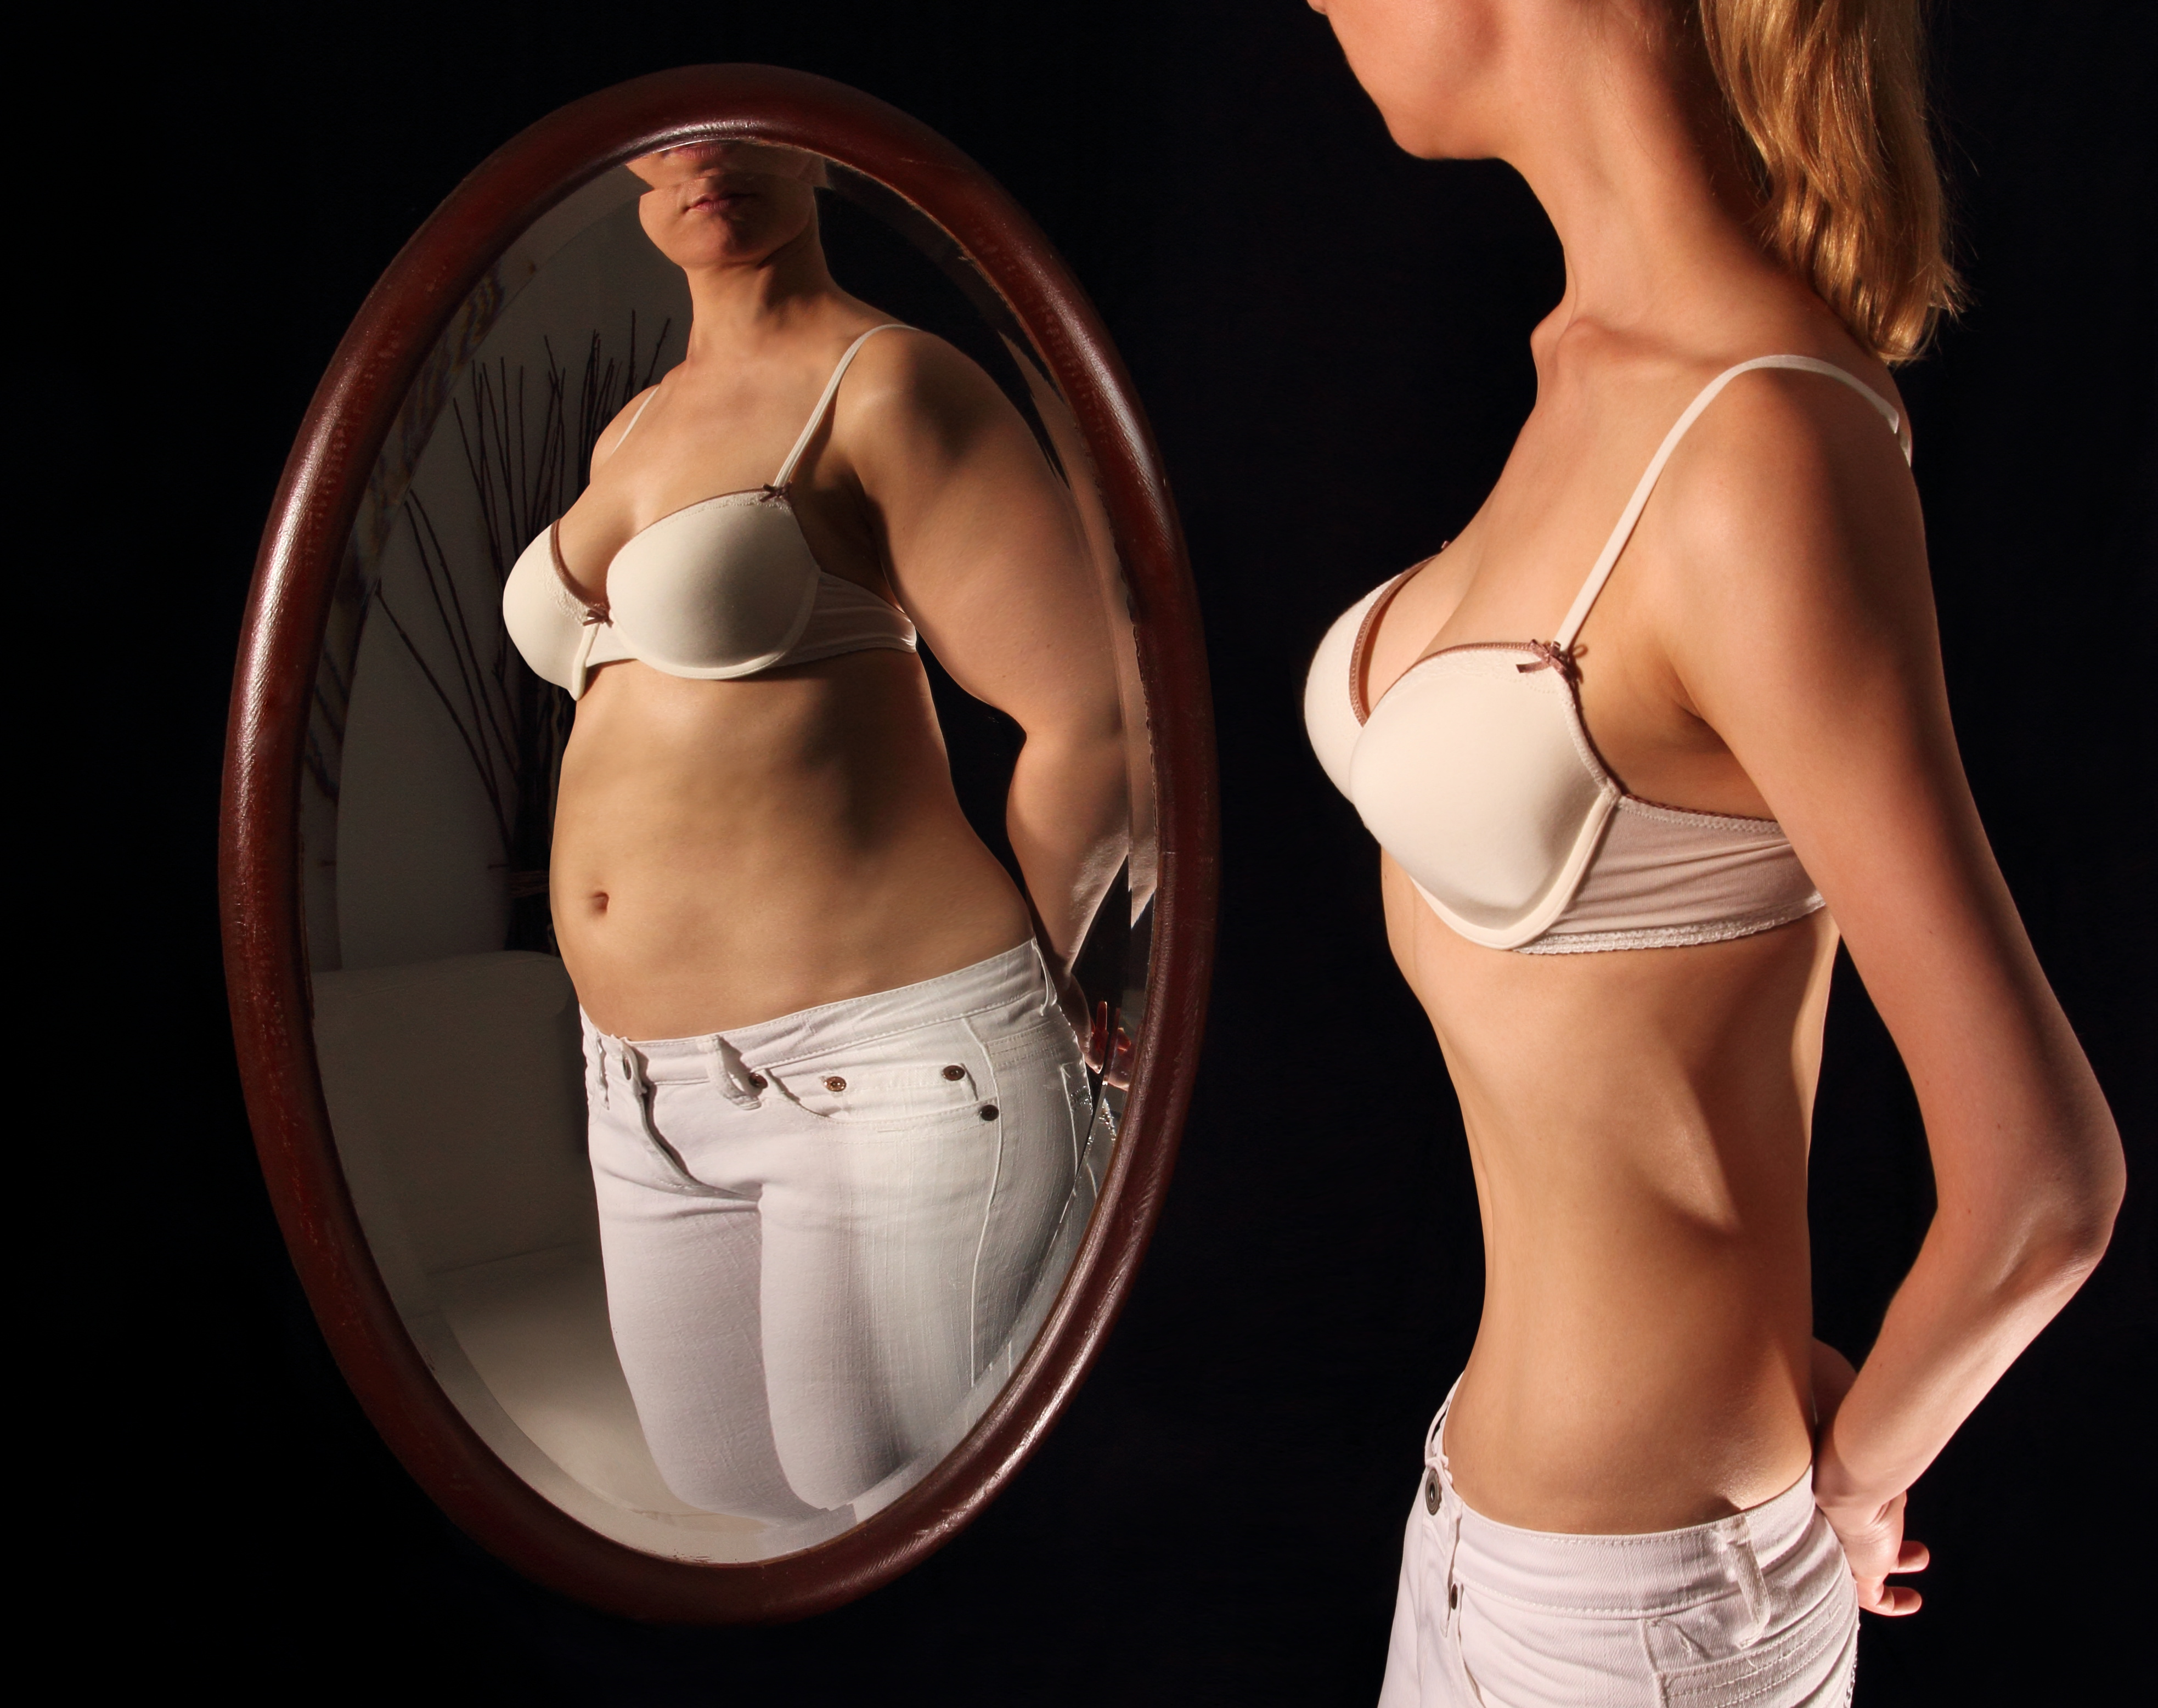 Dicker bauch magersucht Magersucht und